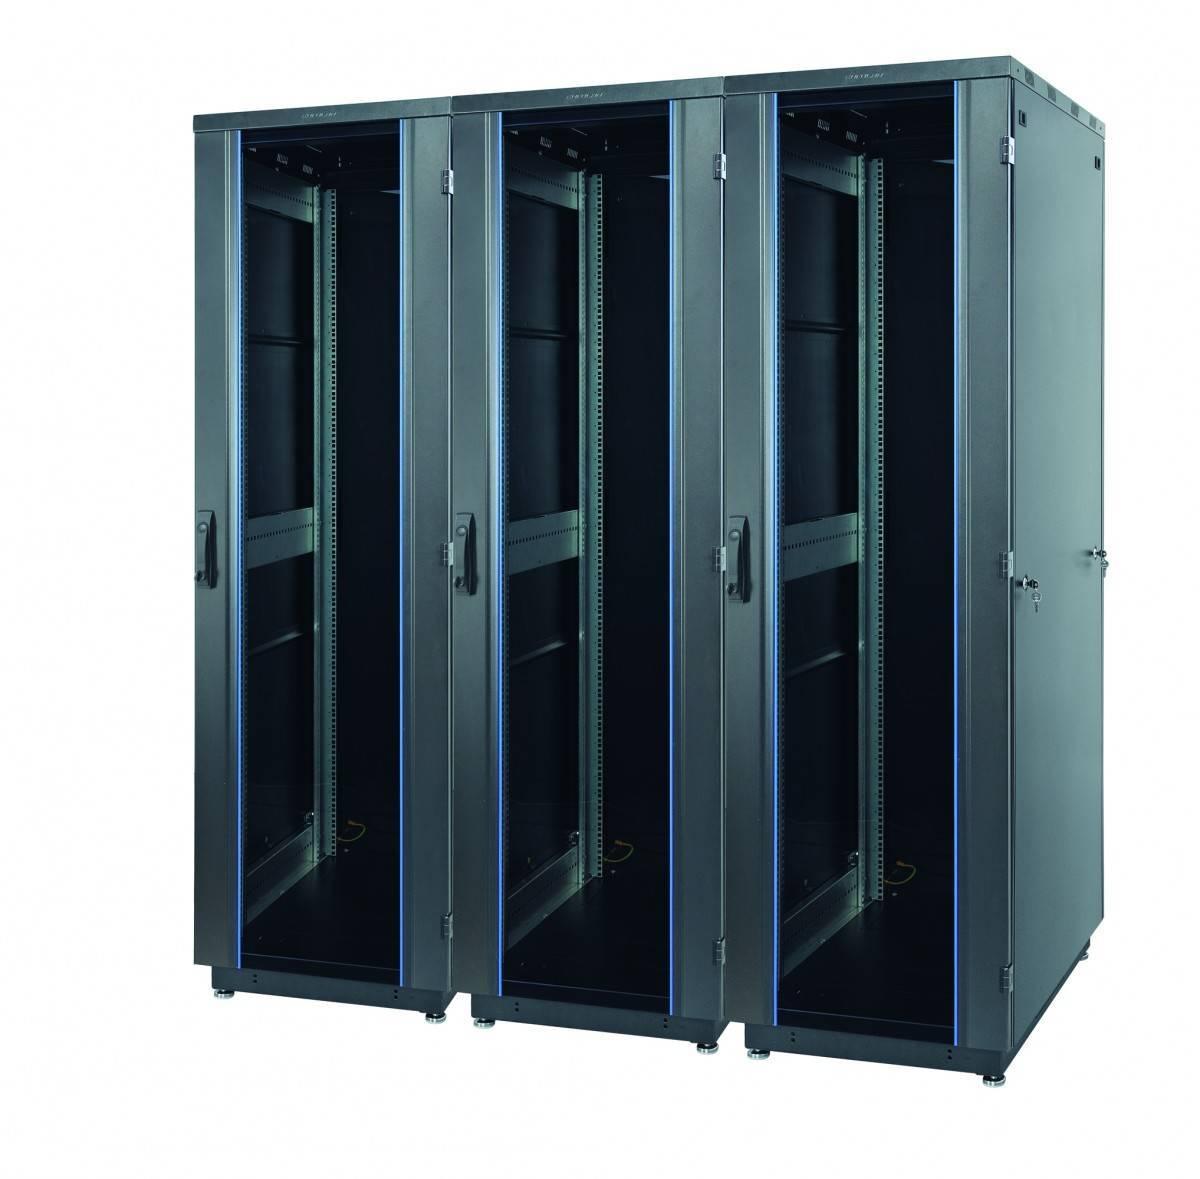 Шкаф телекоммуникационный напольный 19 дюймов Eurolan 60F-33-88-30BL